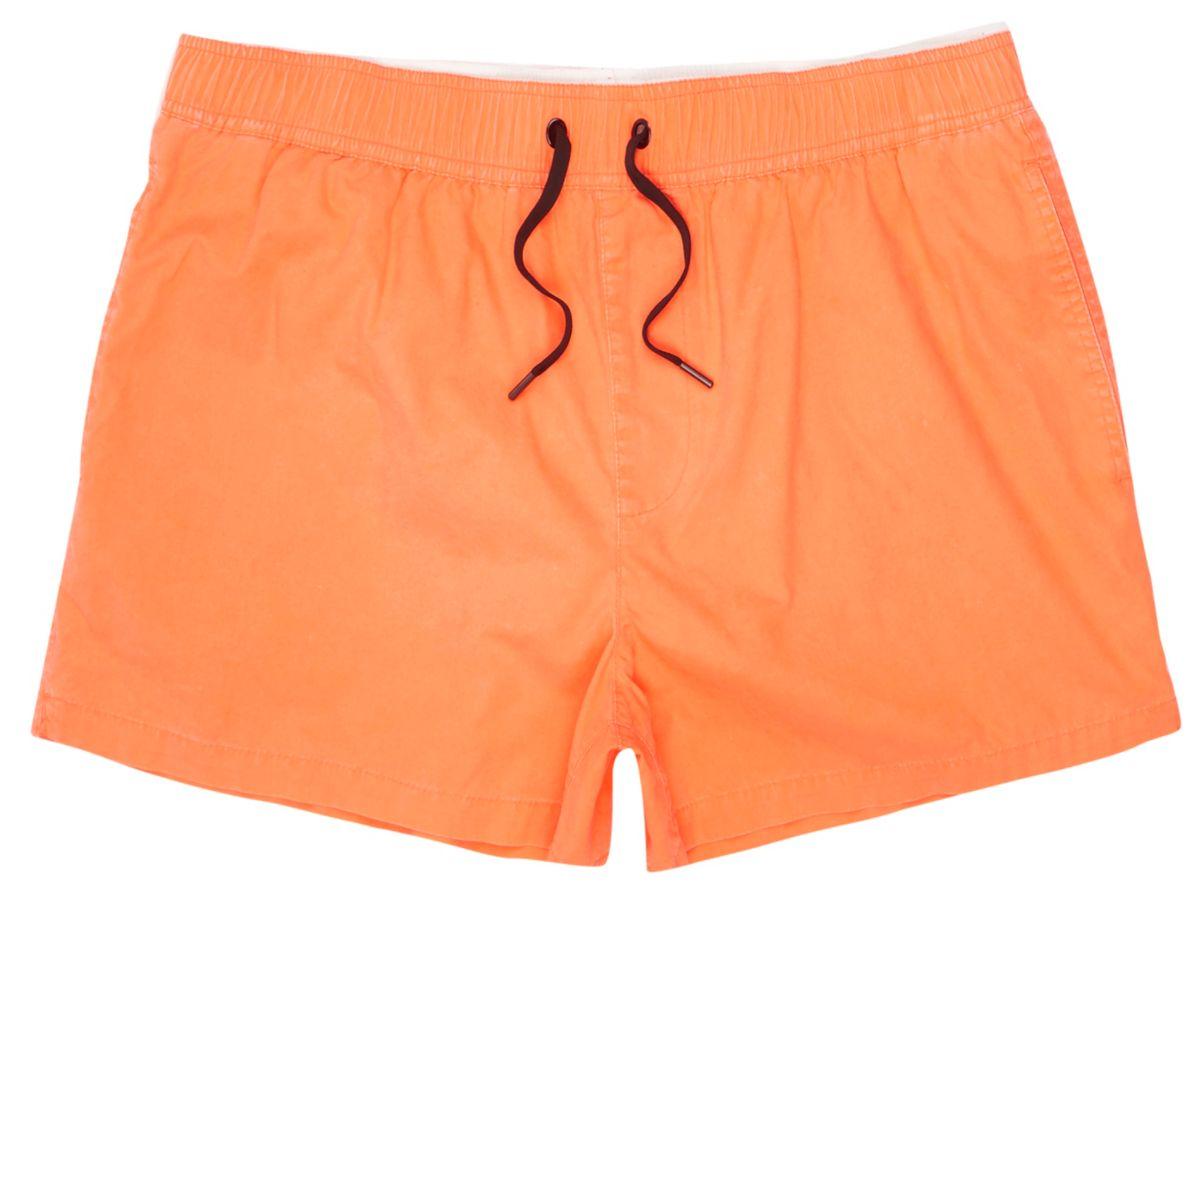 Orange acid wash short swim shorts